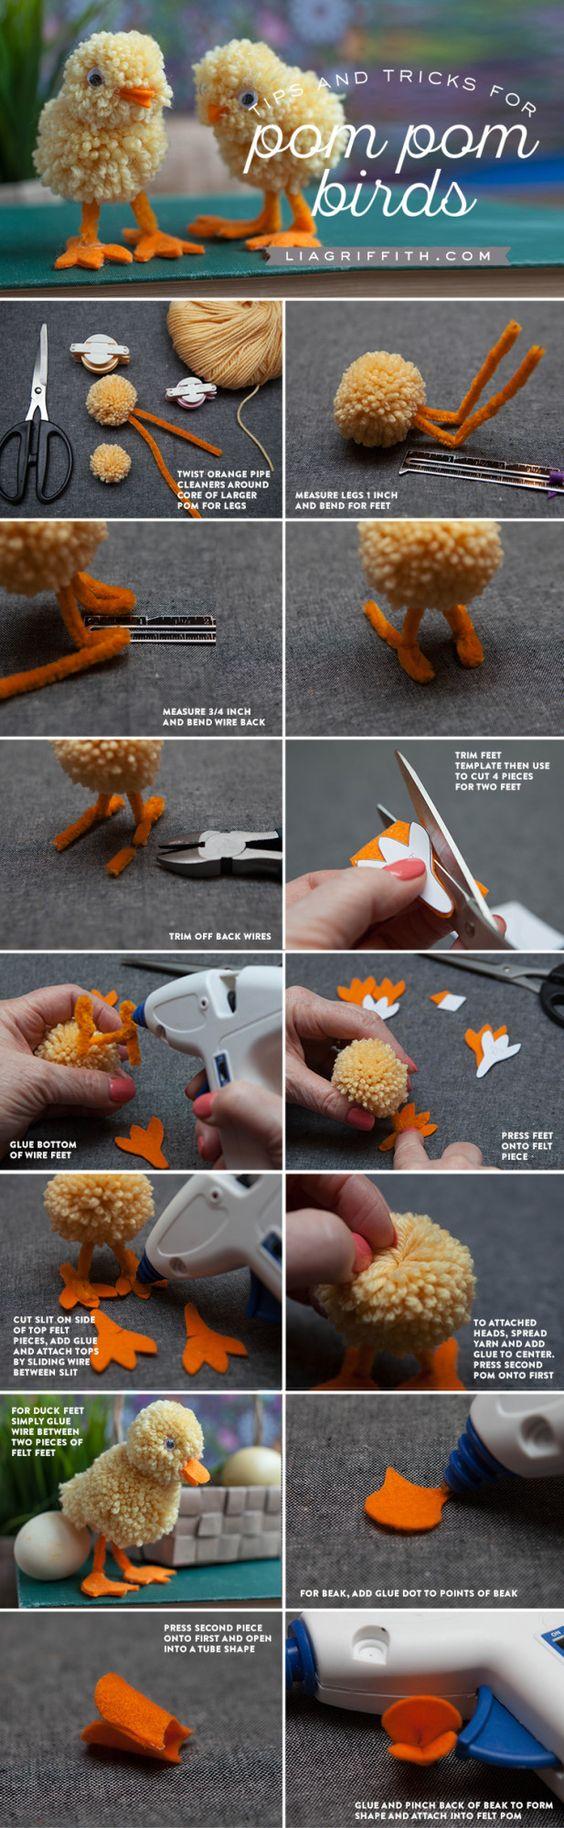 pom_pom_bird_tutorial: